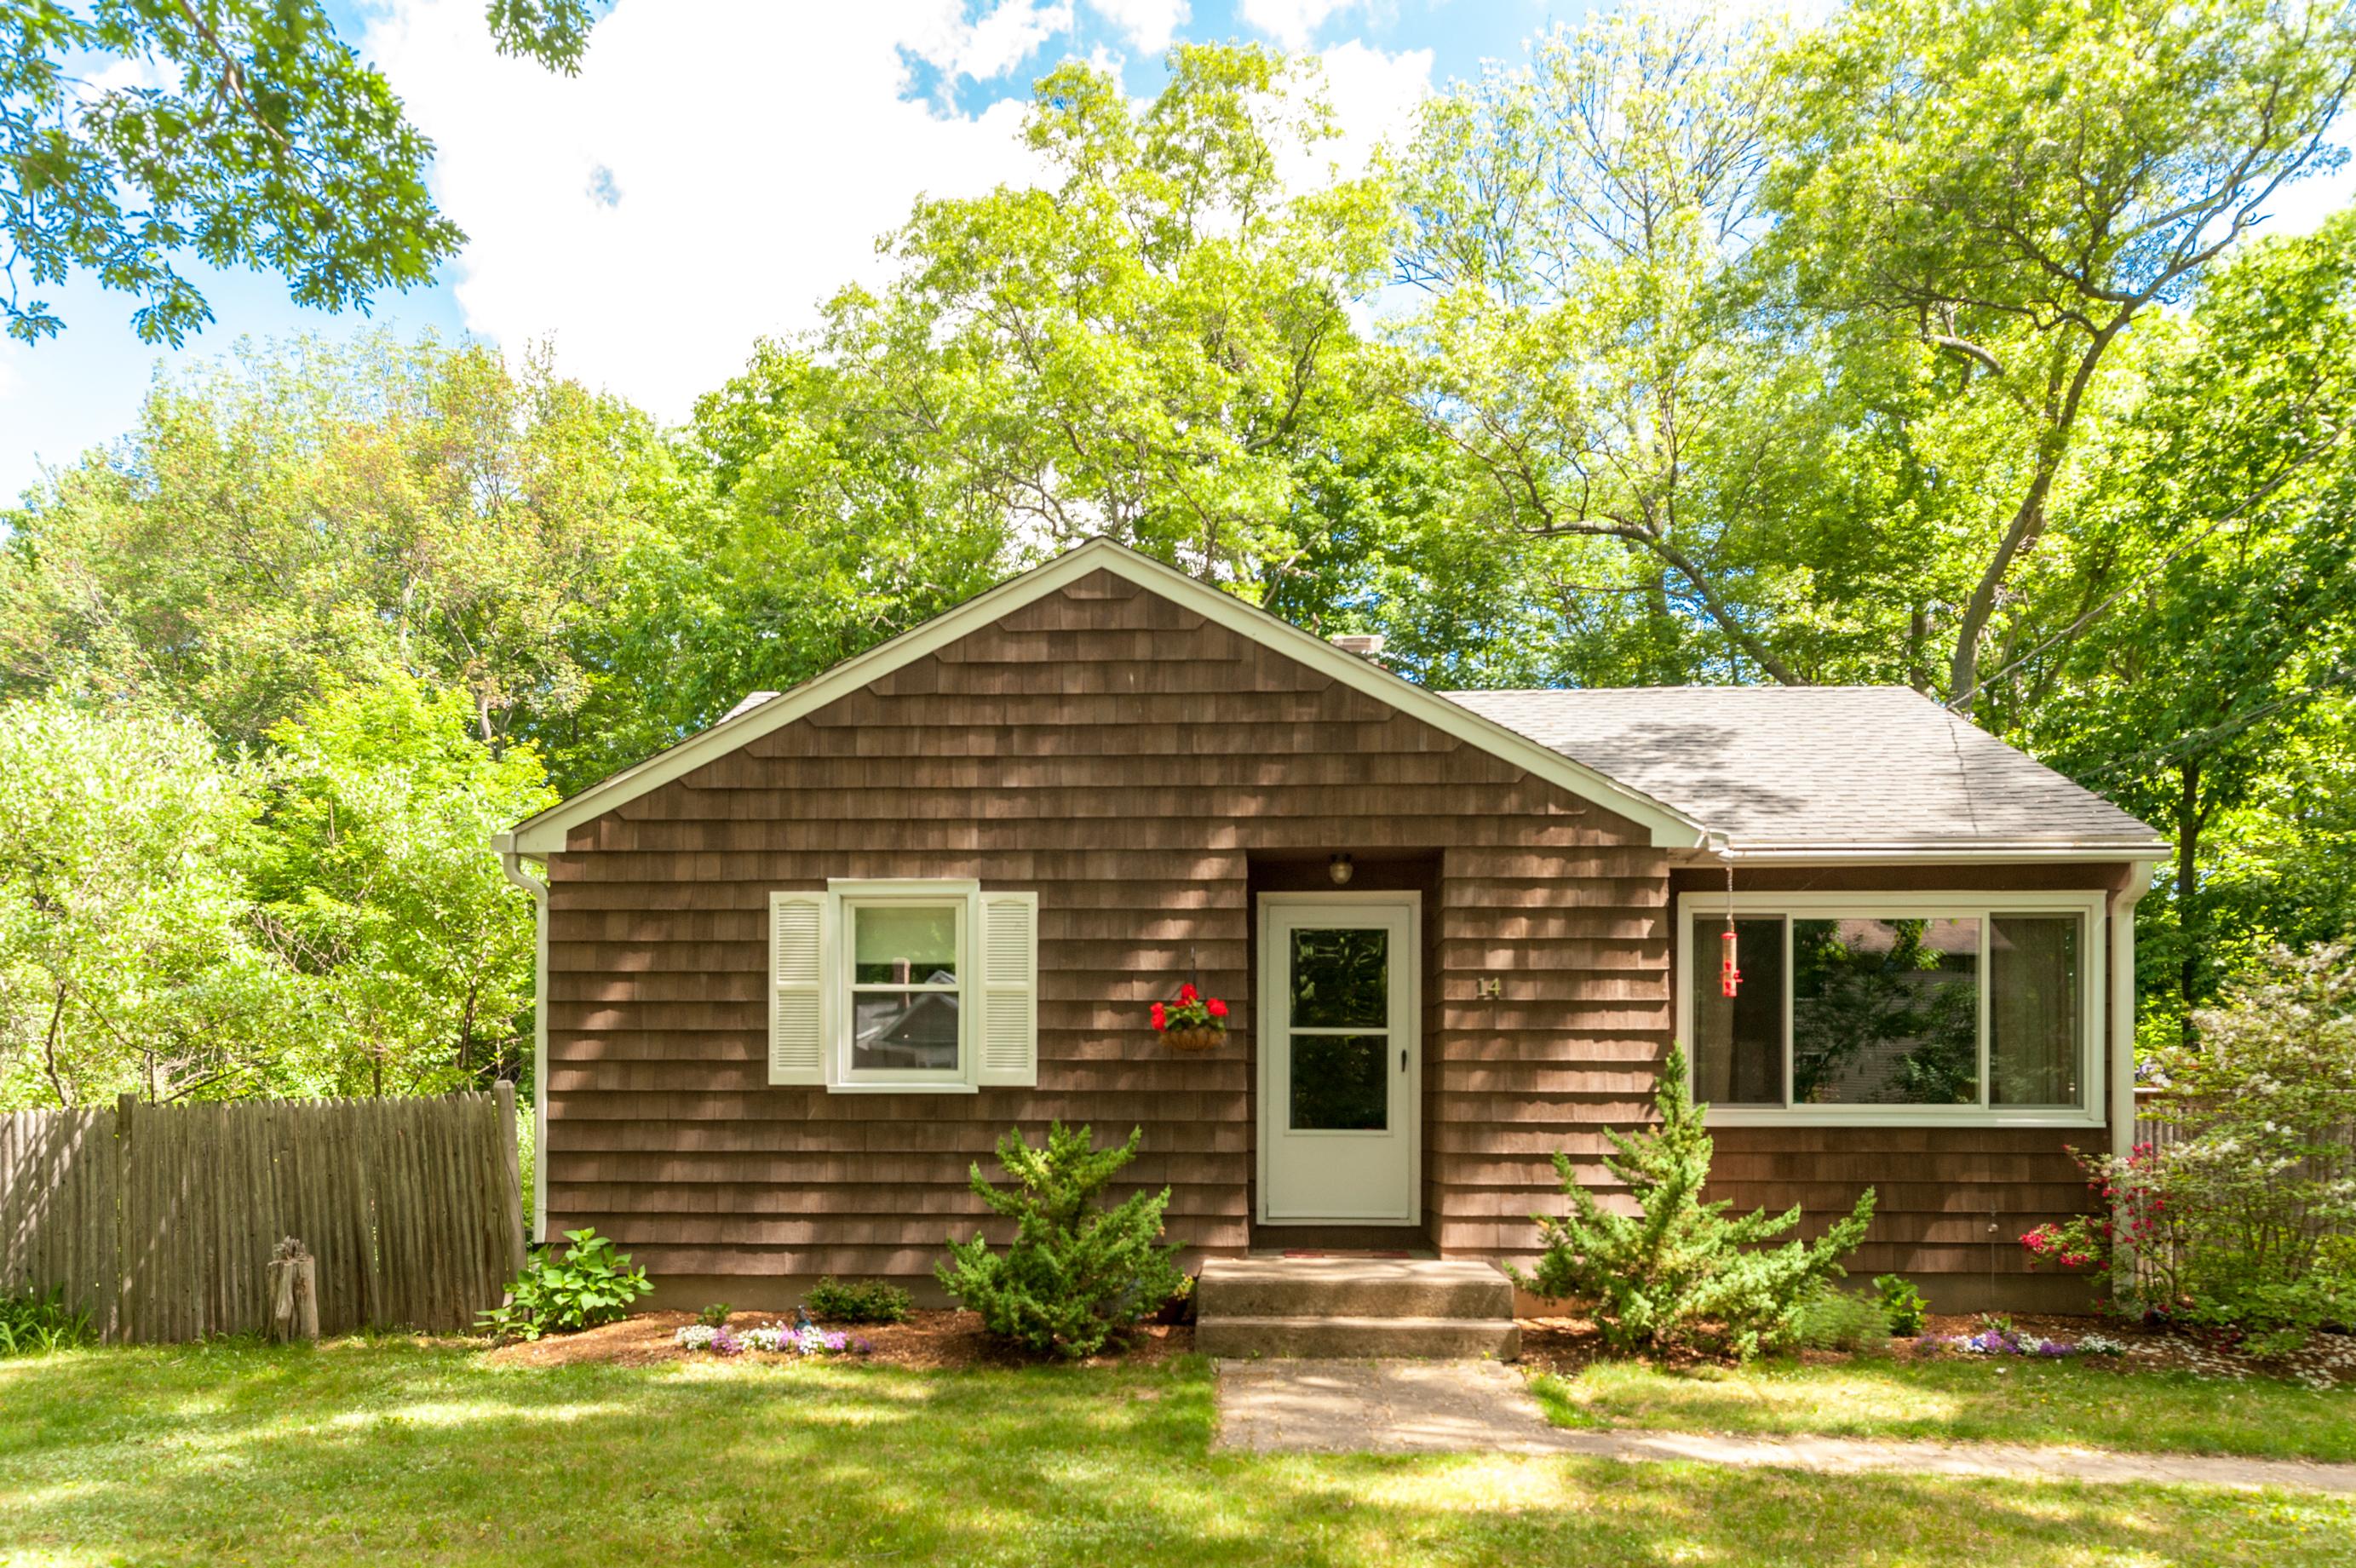 Nhà ở một gia đình vì Bán tại Turn Key Condition 14 Long Crossing Road East Hampton, Connecticut 06424 Hoa Kỳ